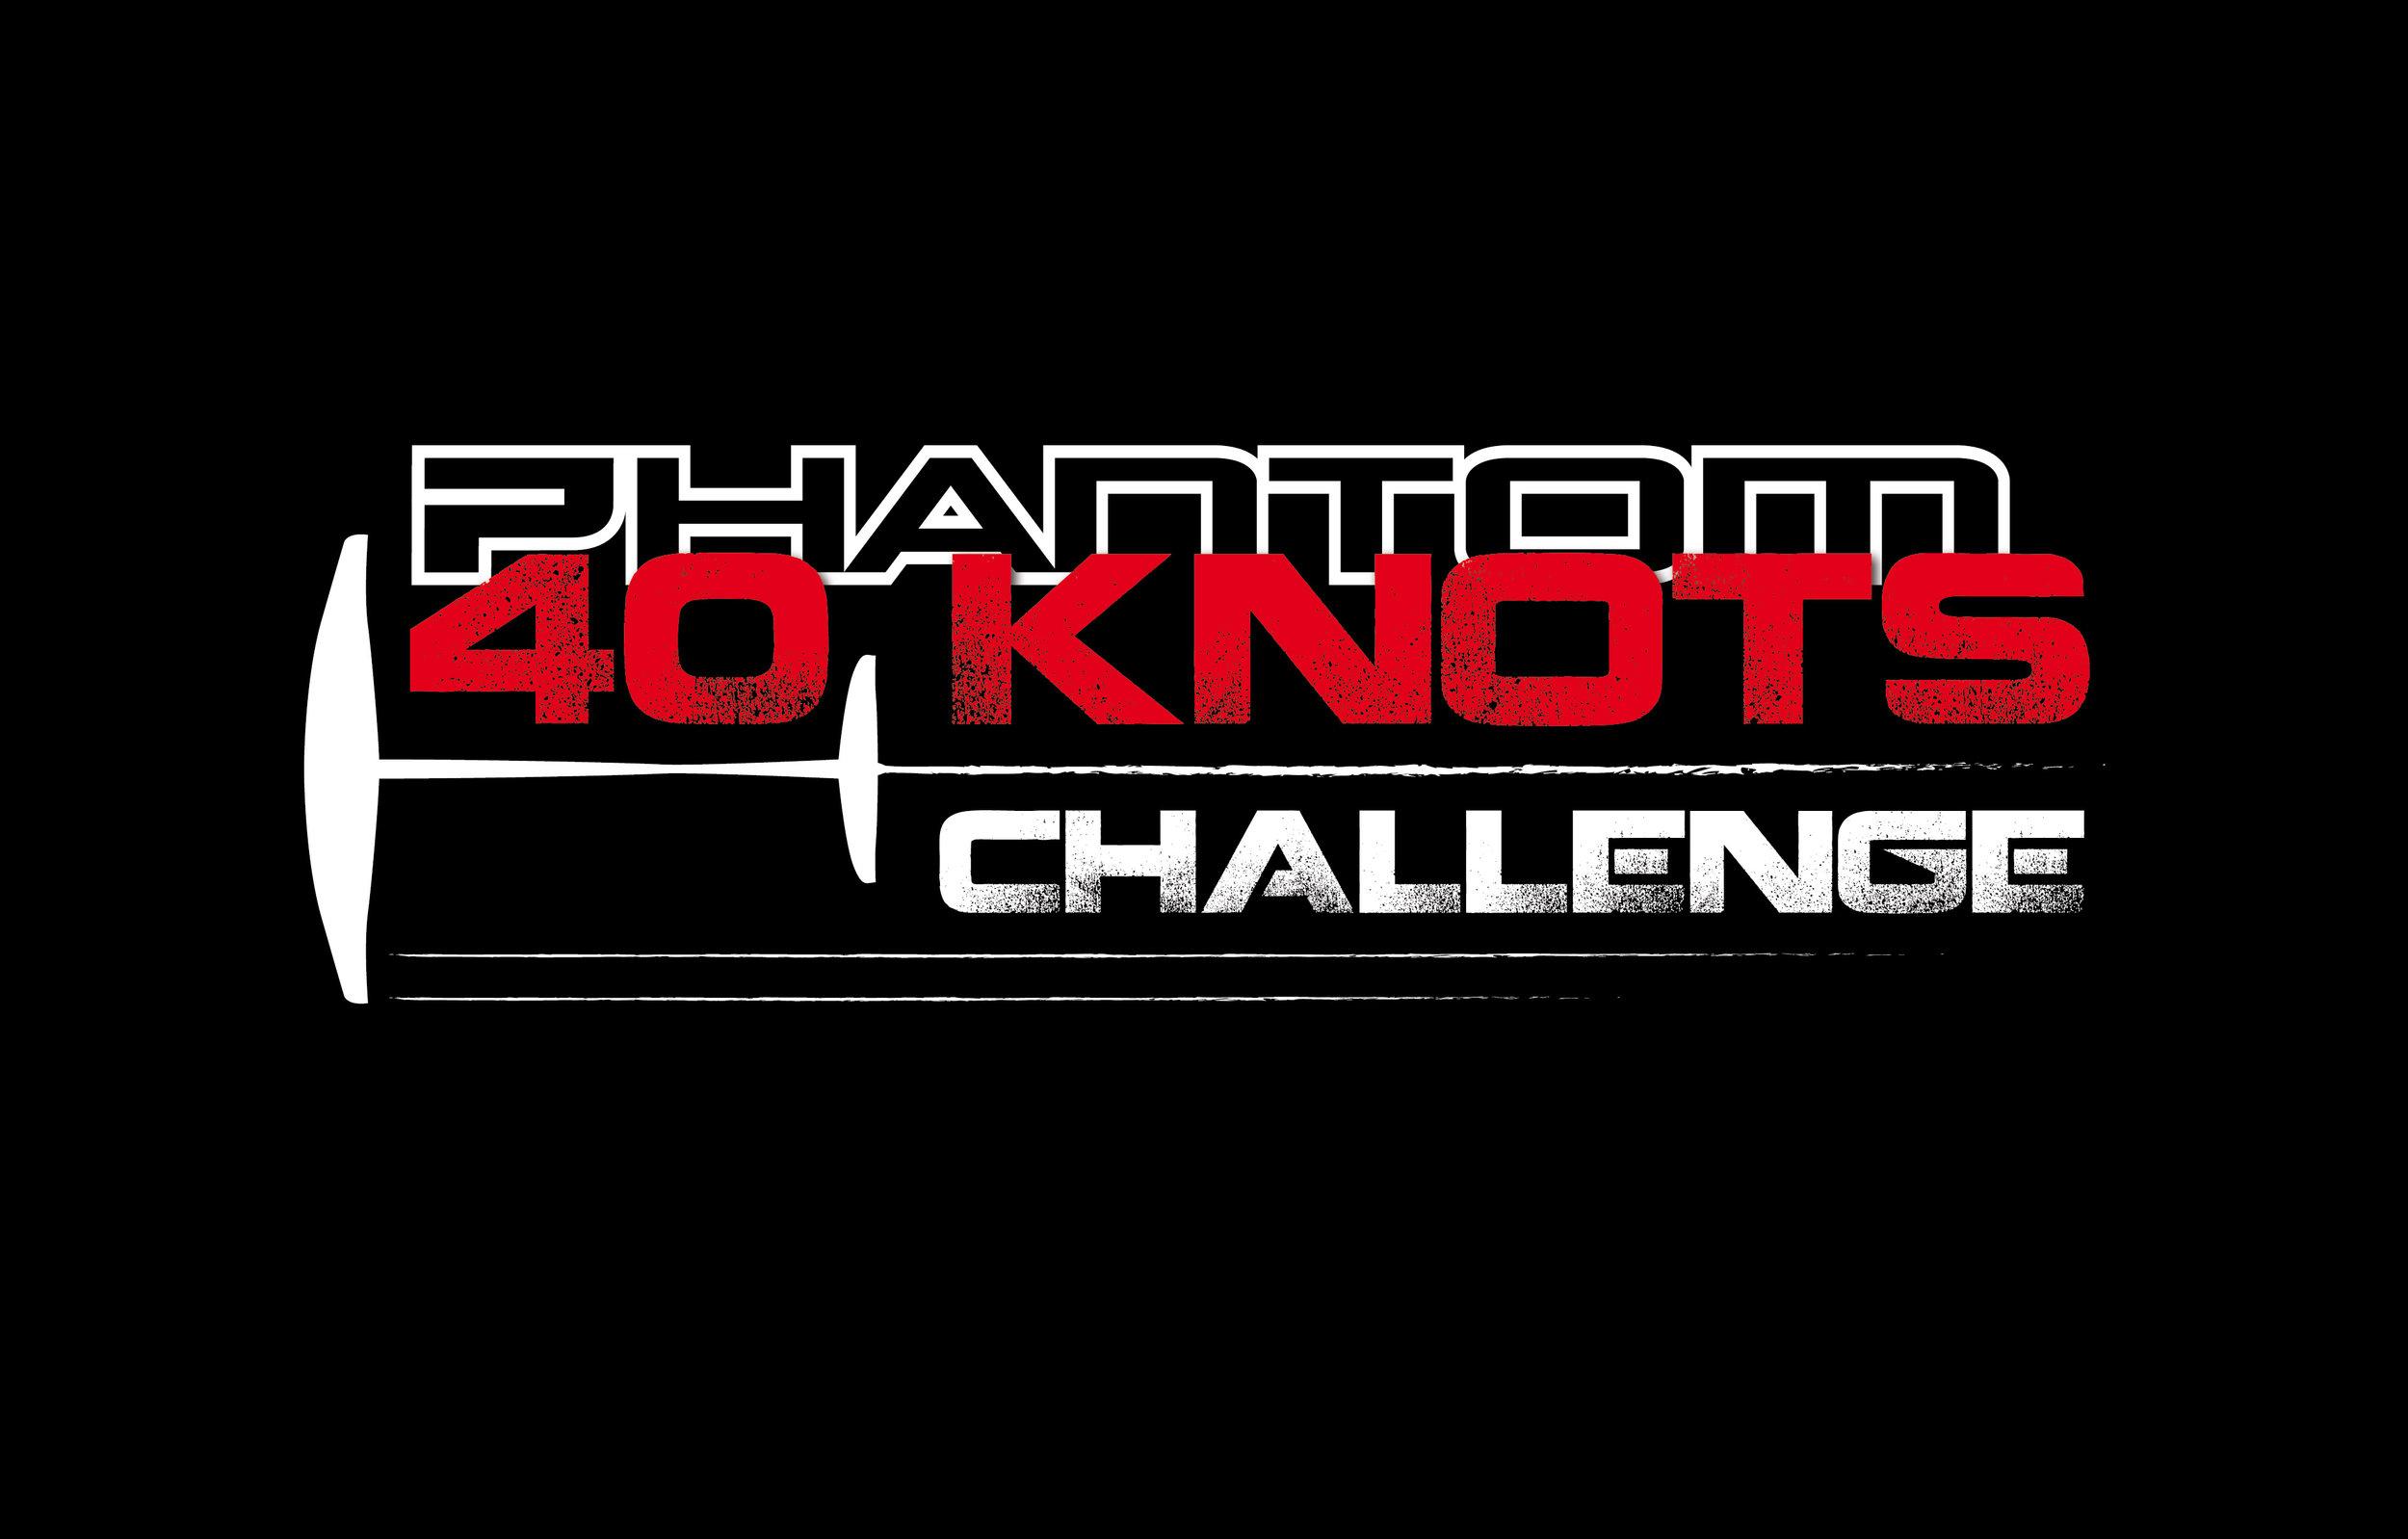 40KnotsCh-Logo_V3-01.jpg